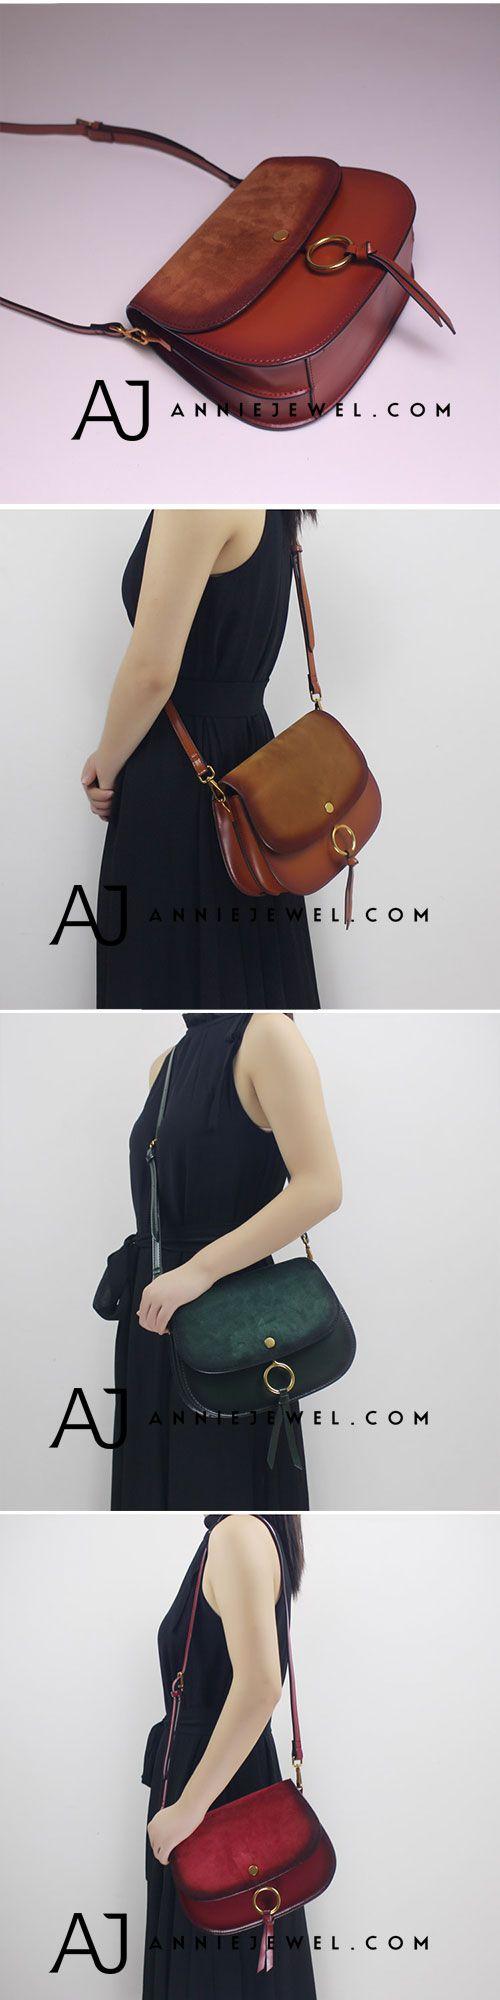 GENUINE LEATHER HANDBAG SADDLE BAG SHOULDER BAG CROSSBODY BAG PURSE CLUTCH FOR WOMEN